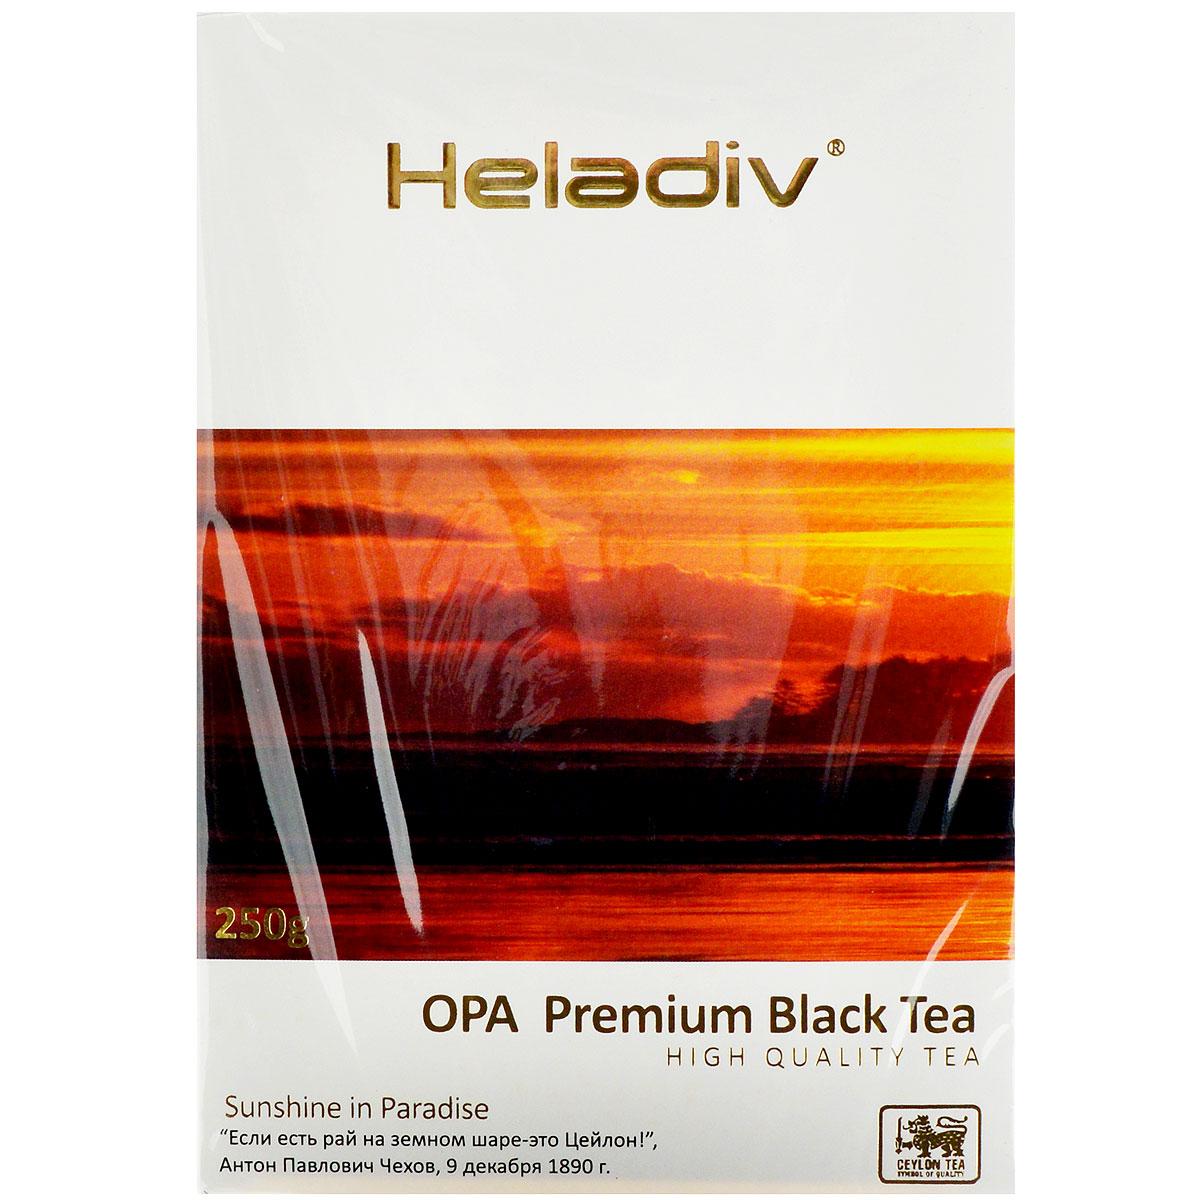 Heladiv Opa чай черный листовой, 250 г4791007008736Heladiv Opa - цейлонский черный крупнолистовой цельный скрученный байховый чай, класс А (ОРА). Обладает приятным, насыщенным вкусом, изысканным ароматом и настоем темного цвета. Укрепляет сосуды, утоляет жажду, стимулирует работу мозга, освежает и тонизирует организм.